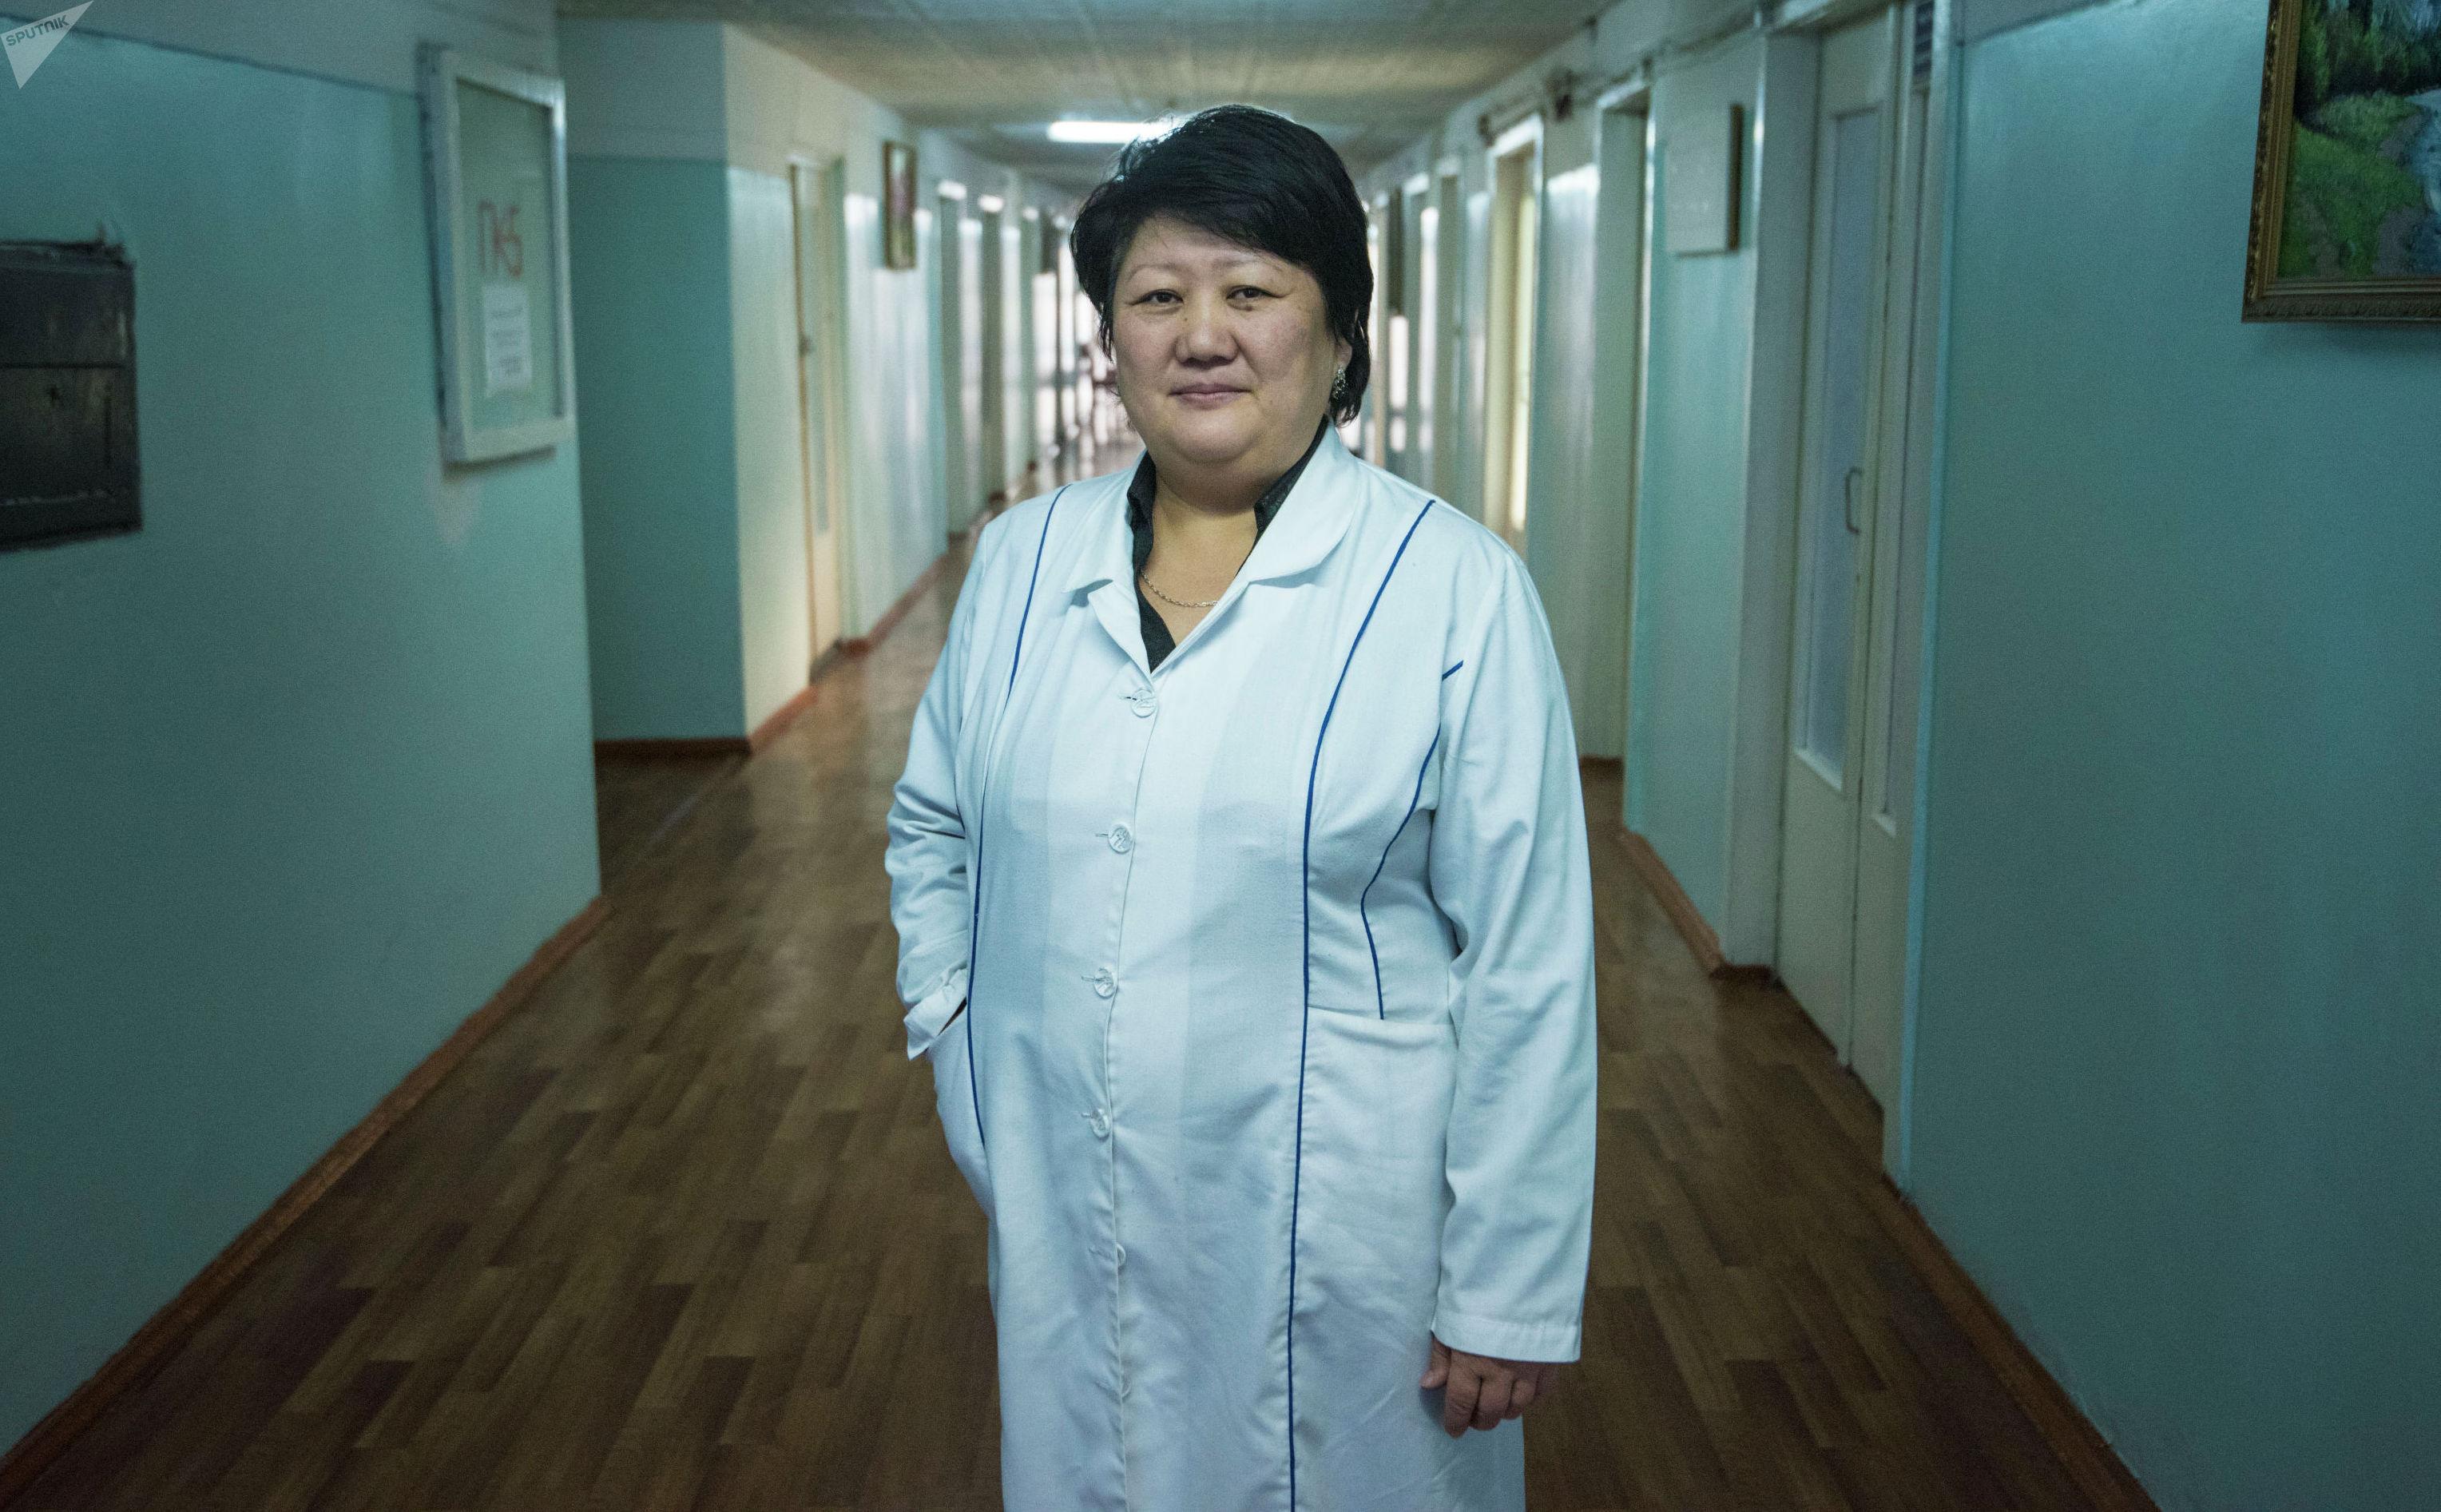 Заведующая реабилитационной больницей при Центре протезно-ортопедических изделий Чынара Турганбаева